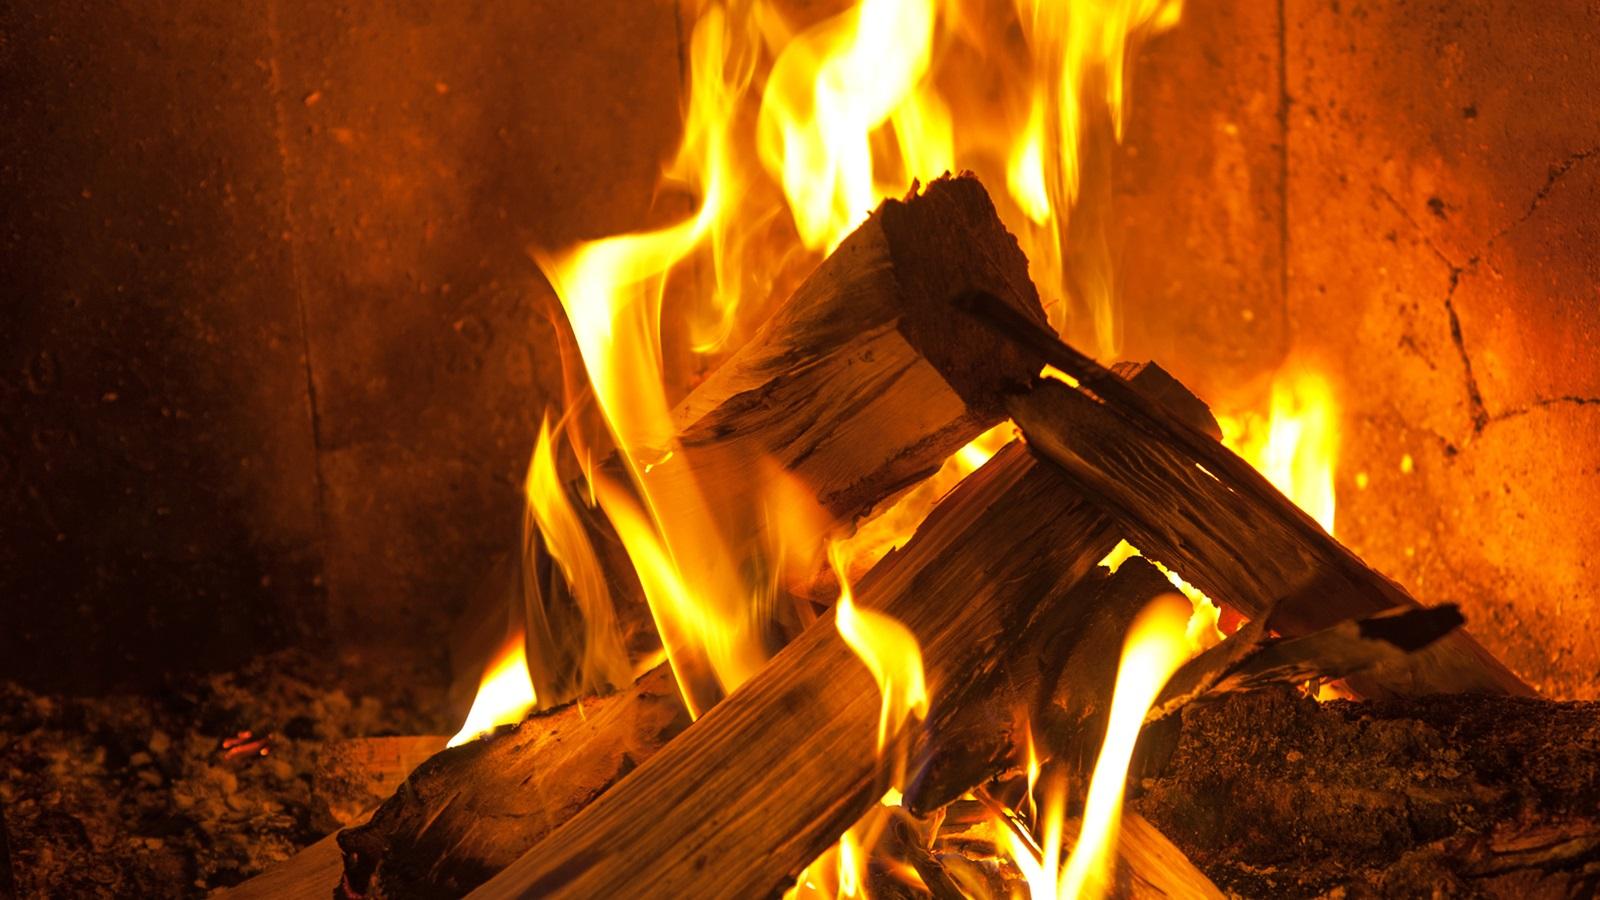 картинки горящие поленья изображения осуществляется